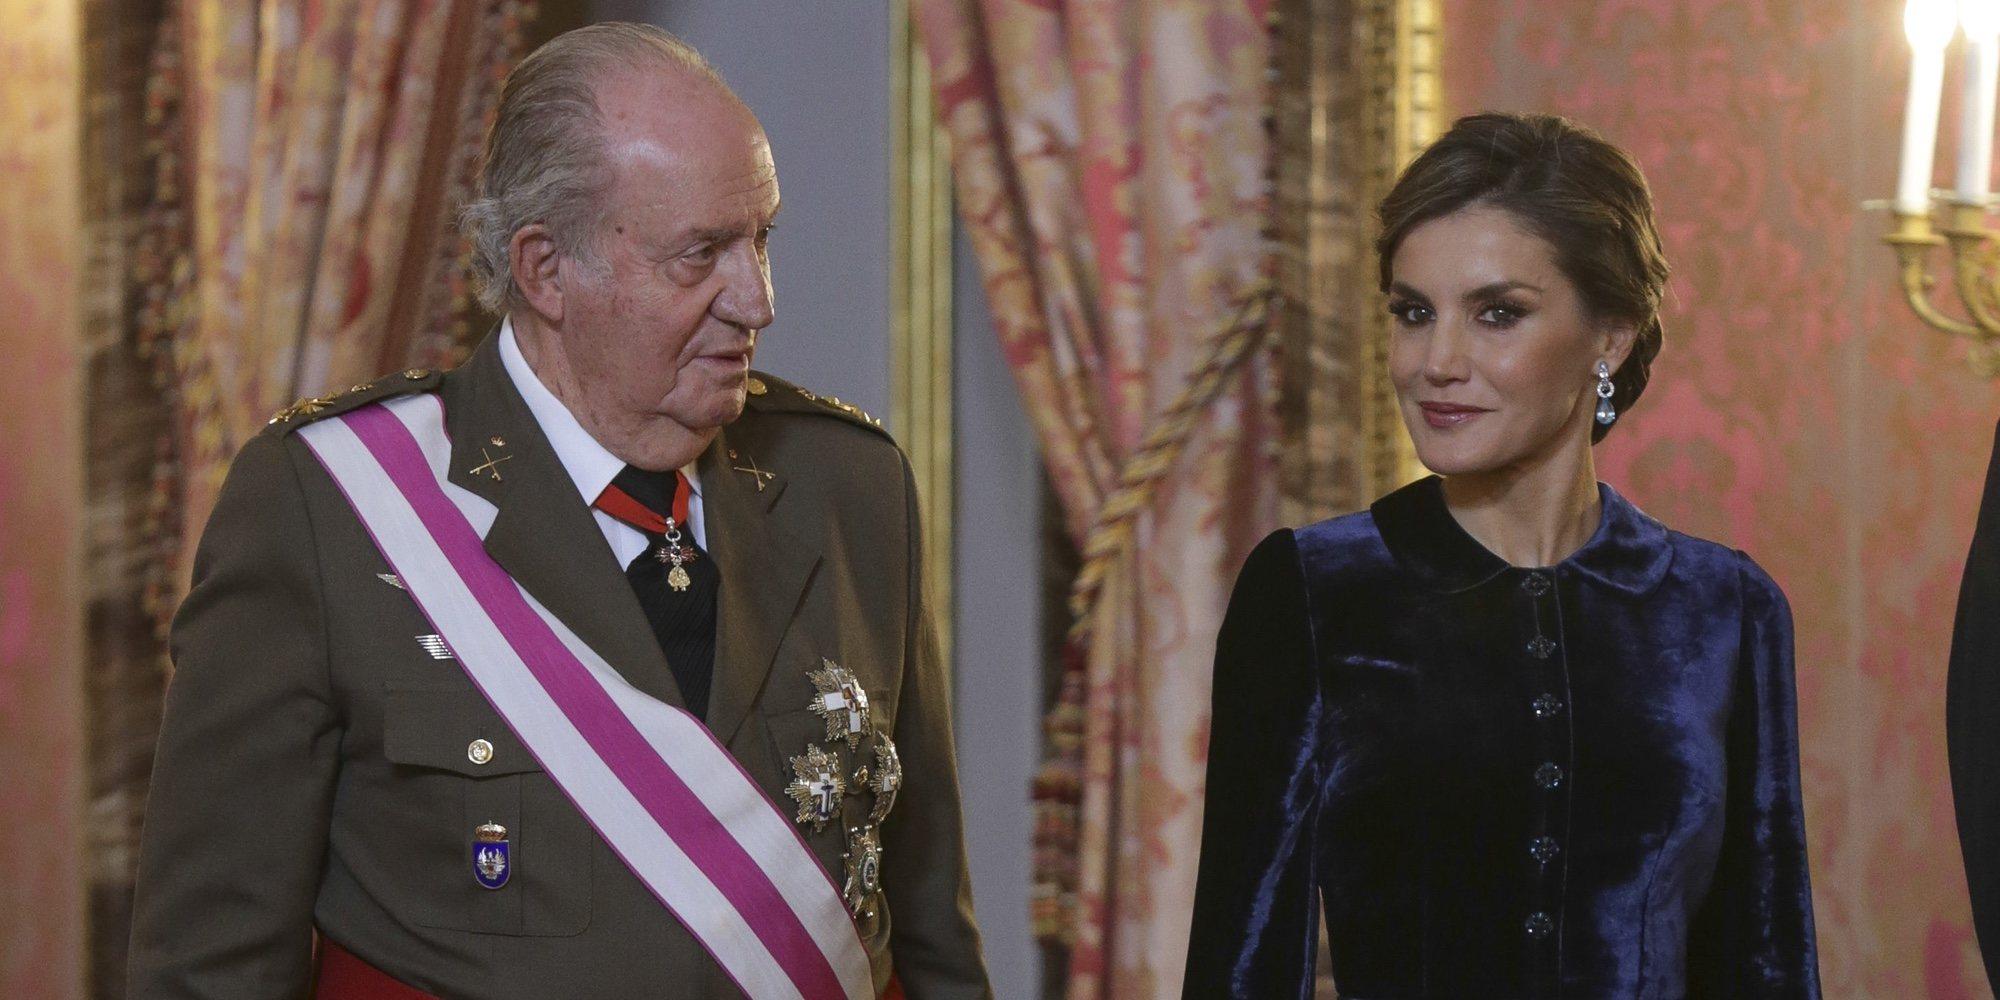 El Rey Juan Carlos estalla contra la Reina Letizia tras la humillación a la Reina Sofía